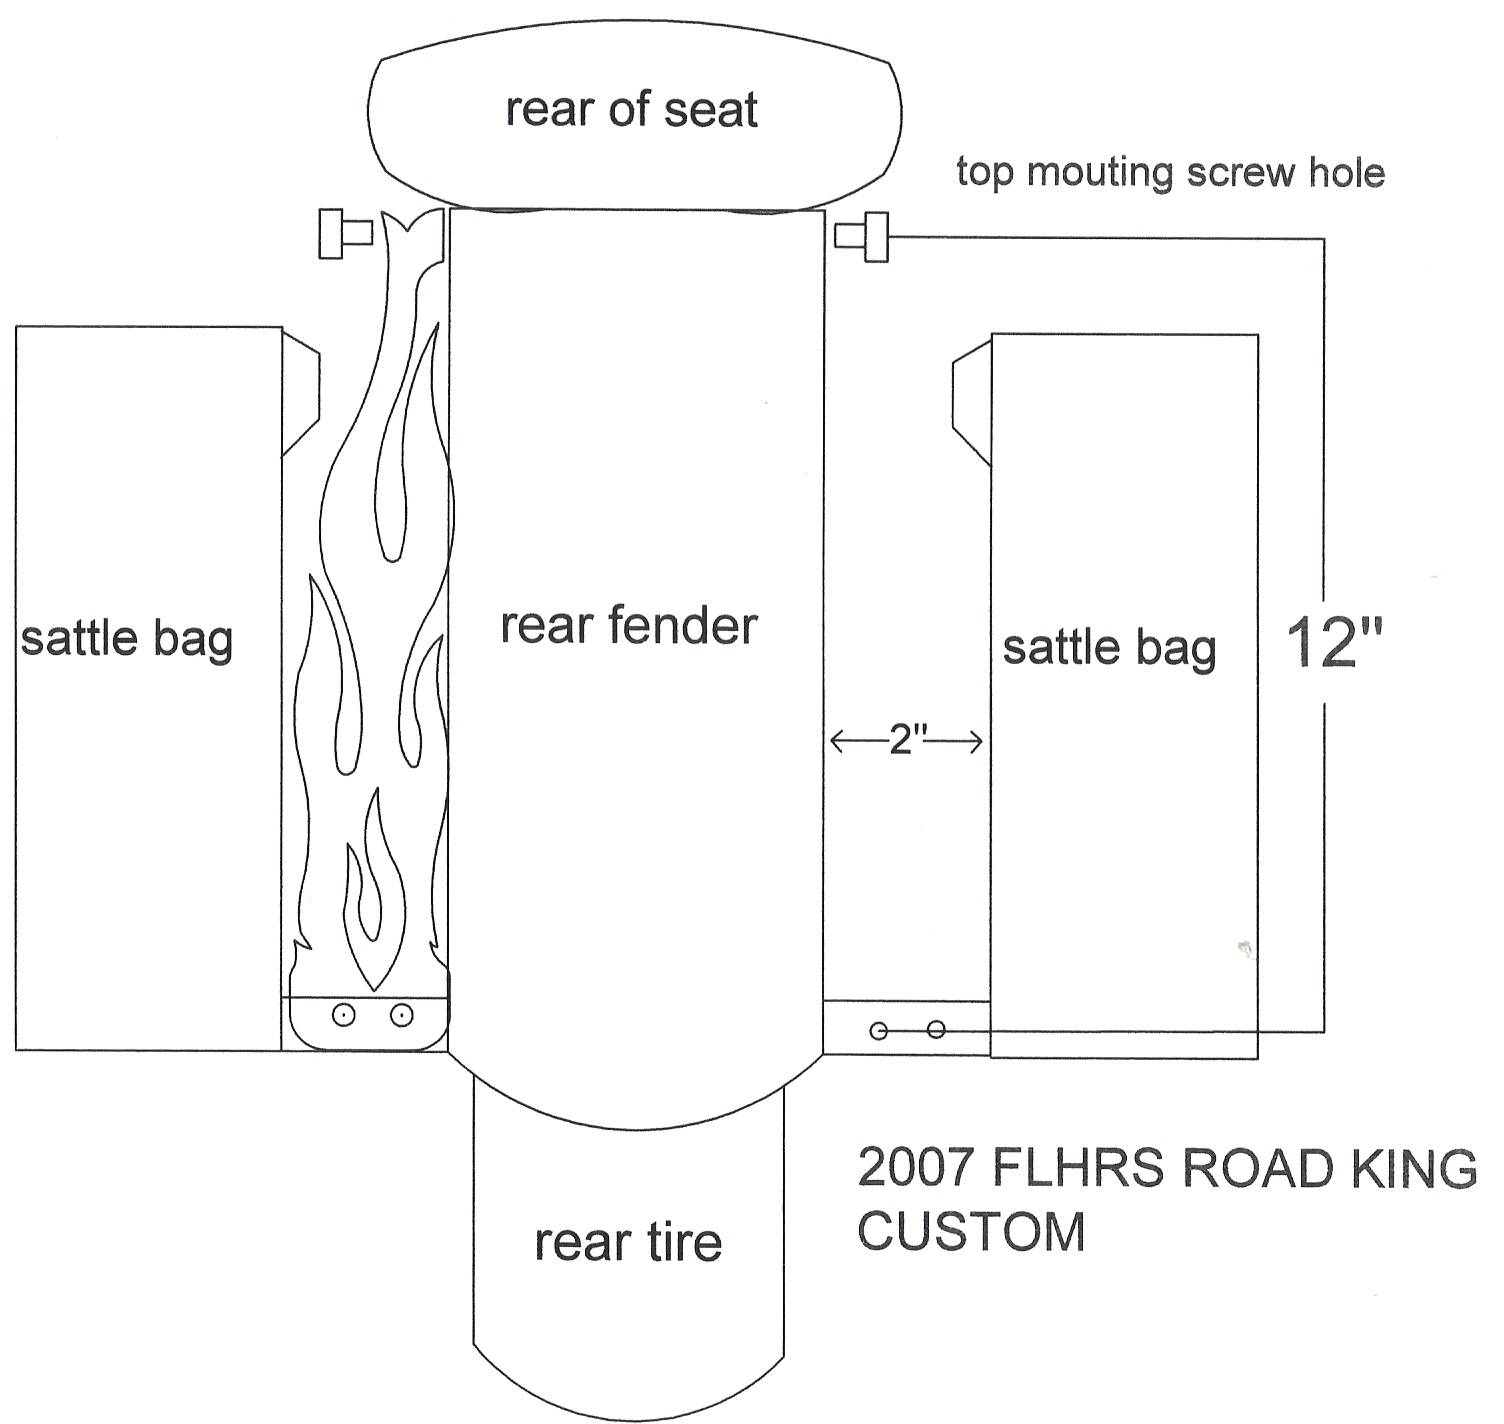 2007 FLHRS ROAD KING CUSTOM